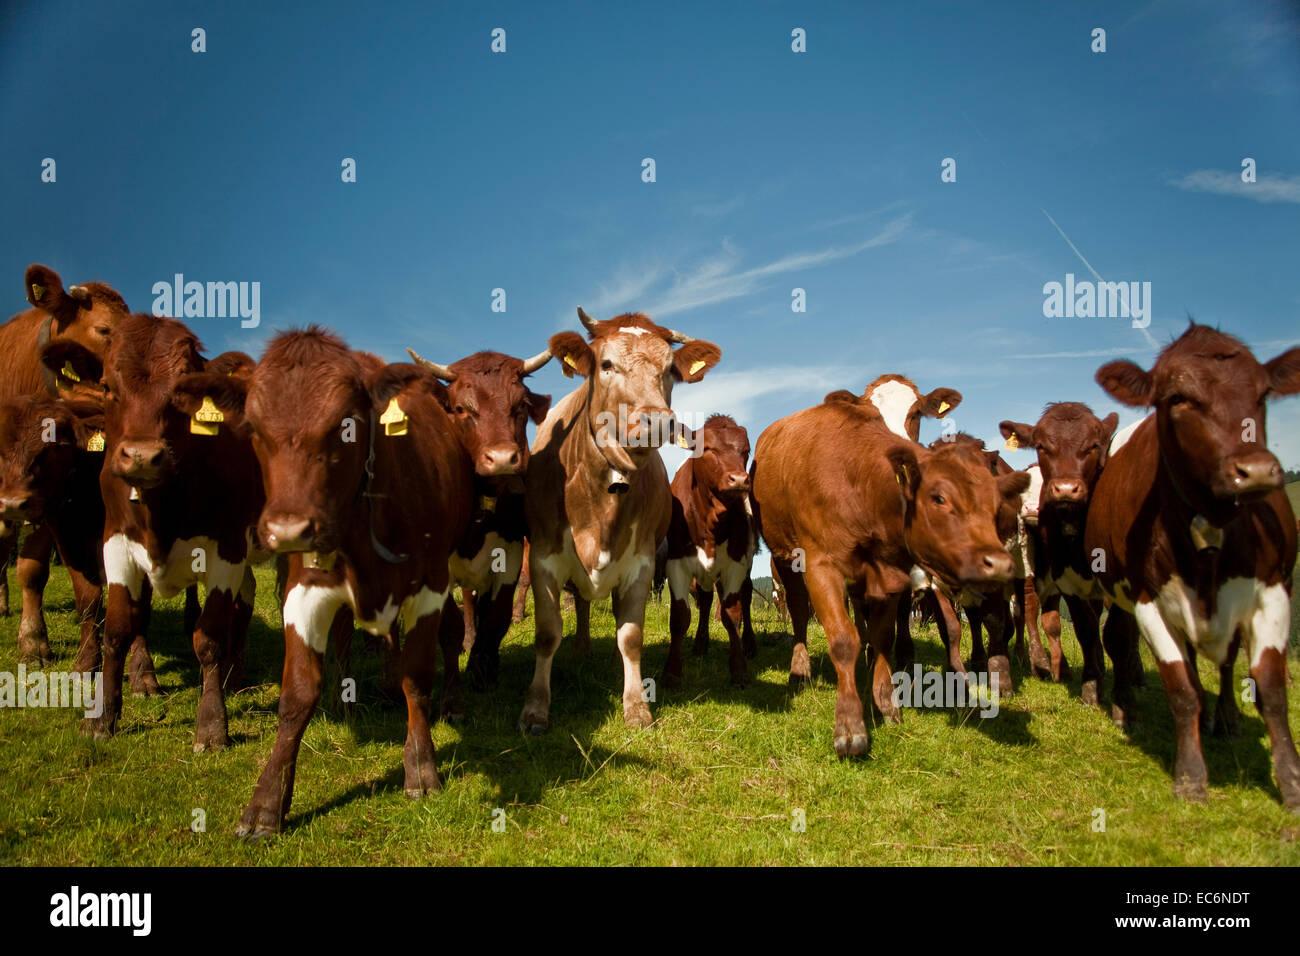 Kühe kommen näher Frontshot Kuhhirt, niedrigen Winkel, beeindruckenden Stockbild